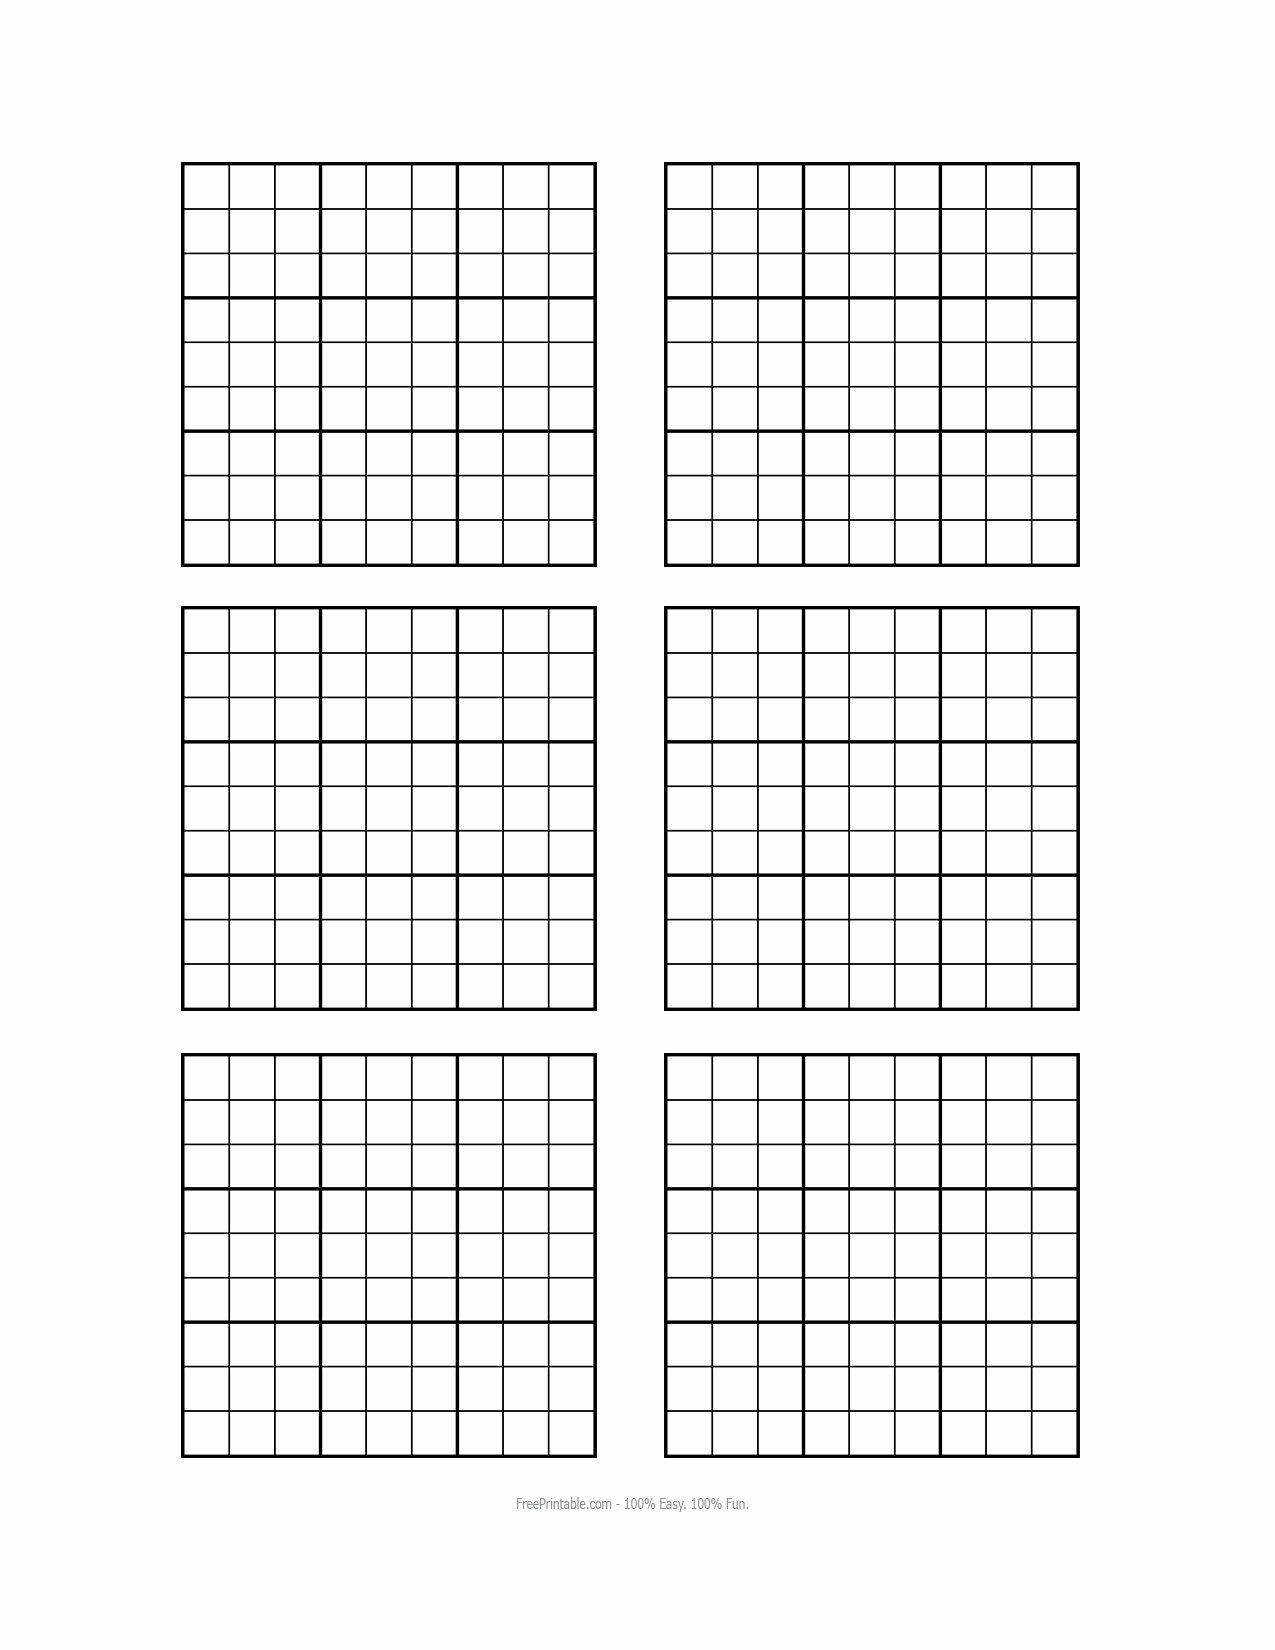 Printable Blank Sudoku 4 Per Page Inspirational Blank Sudoku Printable Pages – Ezzy